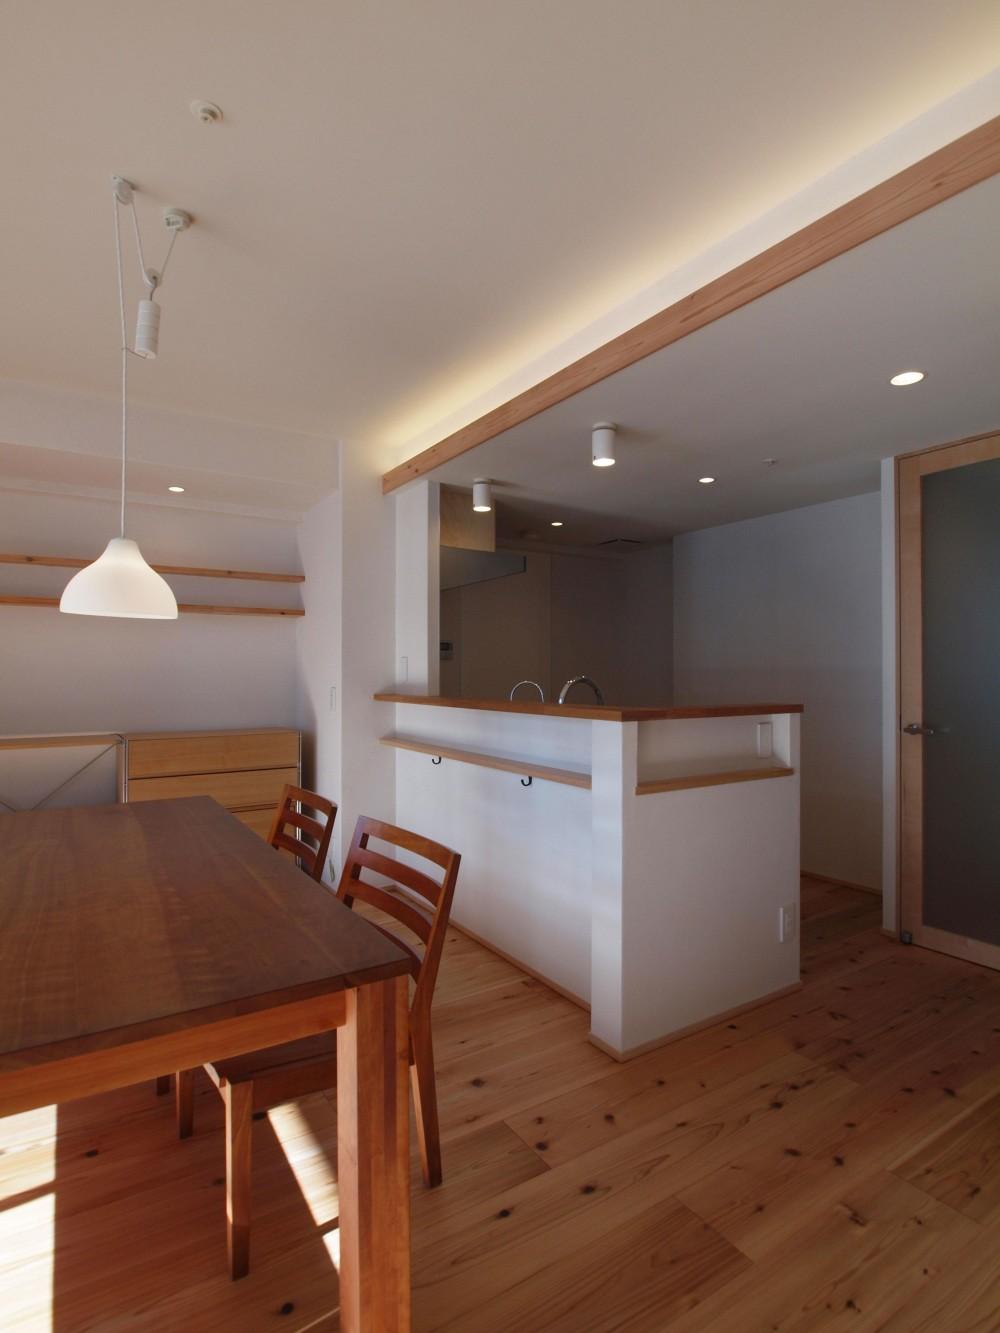 杉フローリングと黒芯ウッドデッキのある築浅マンションリノベーション (吊り戸を撤去し、開放的なキッチンに)